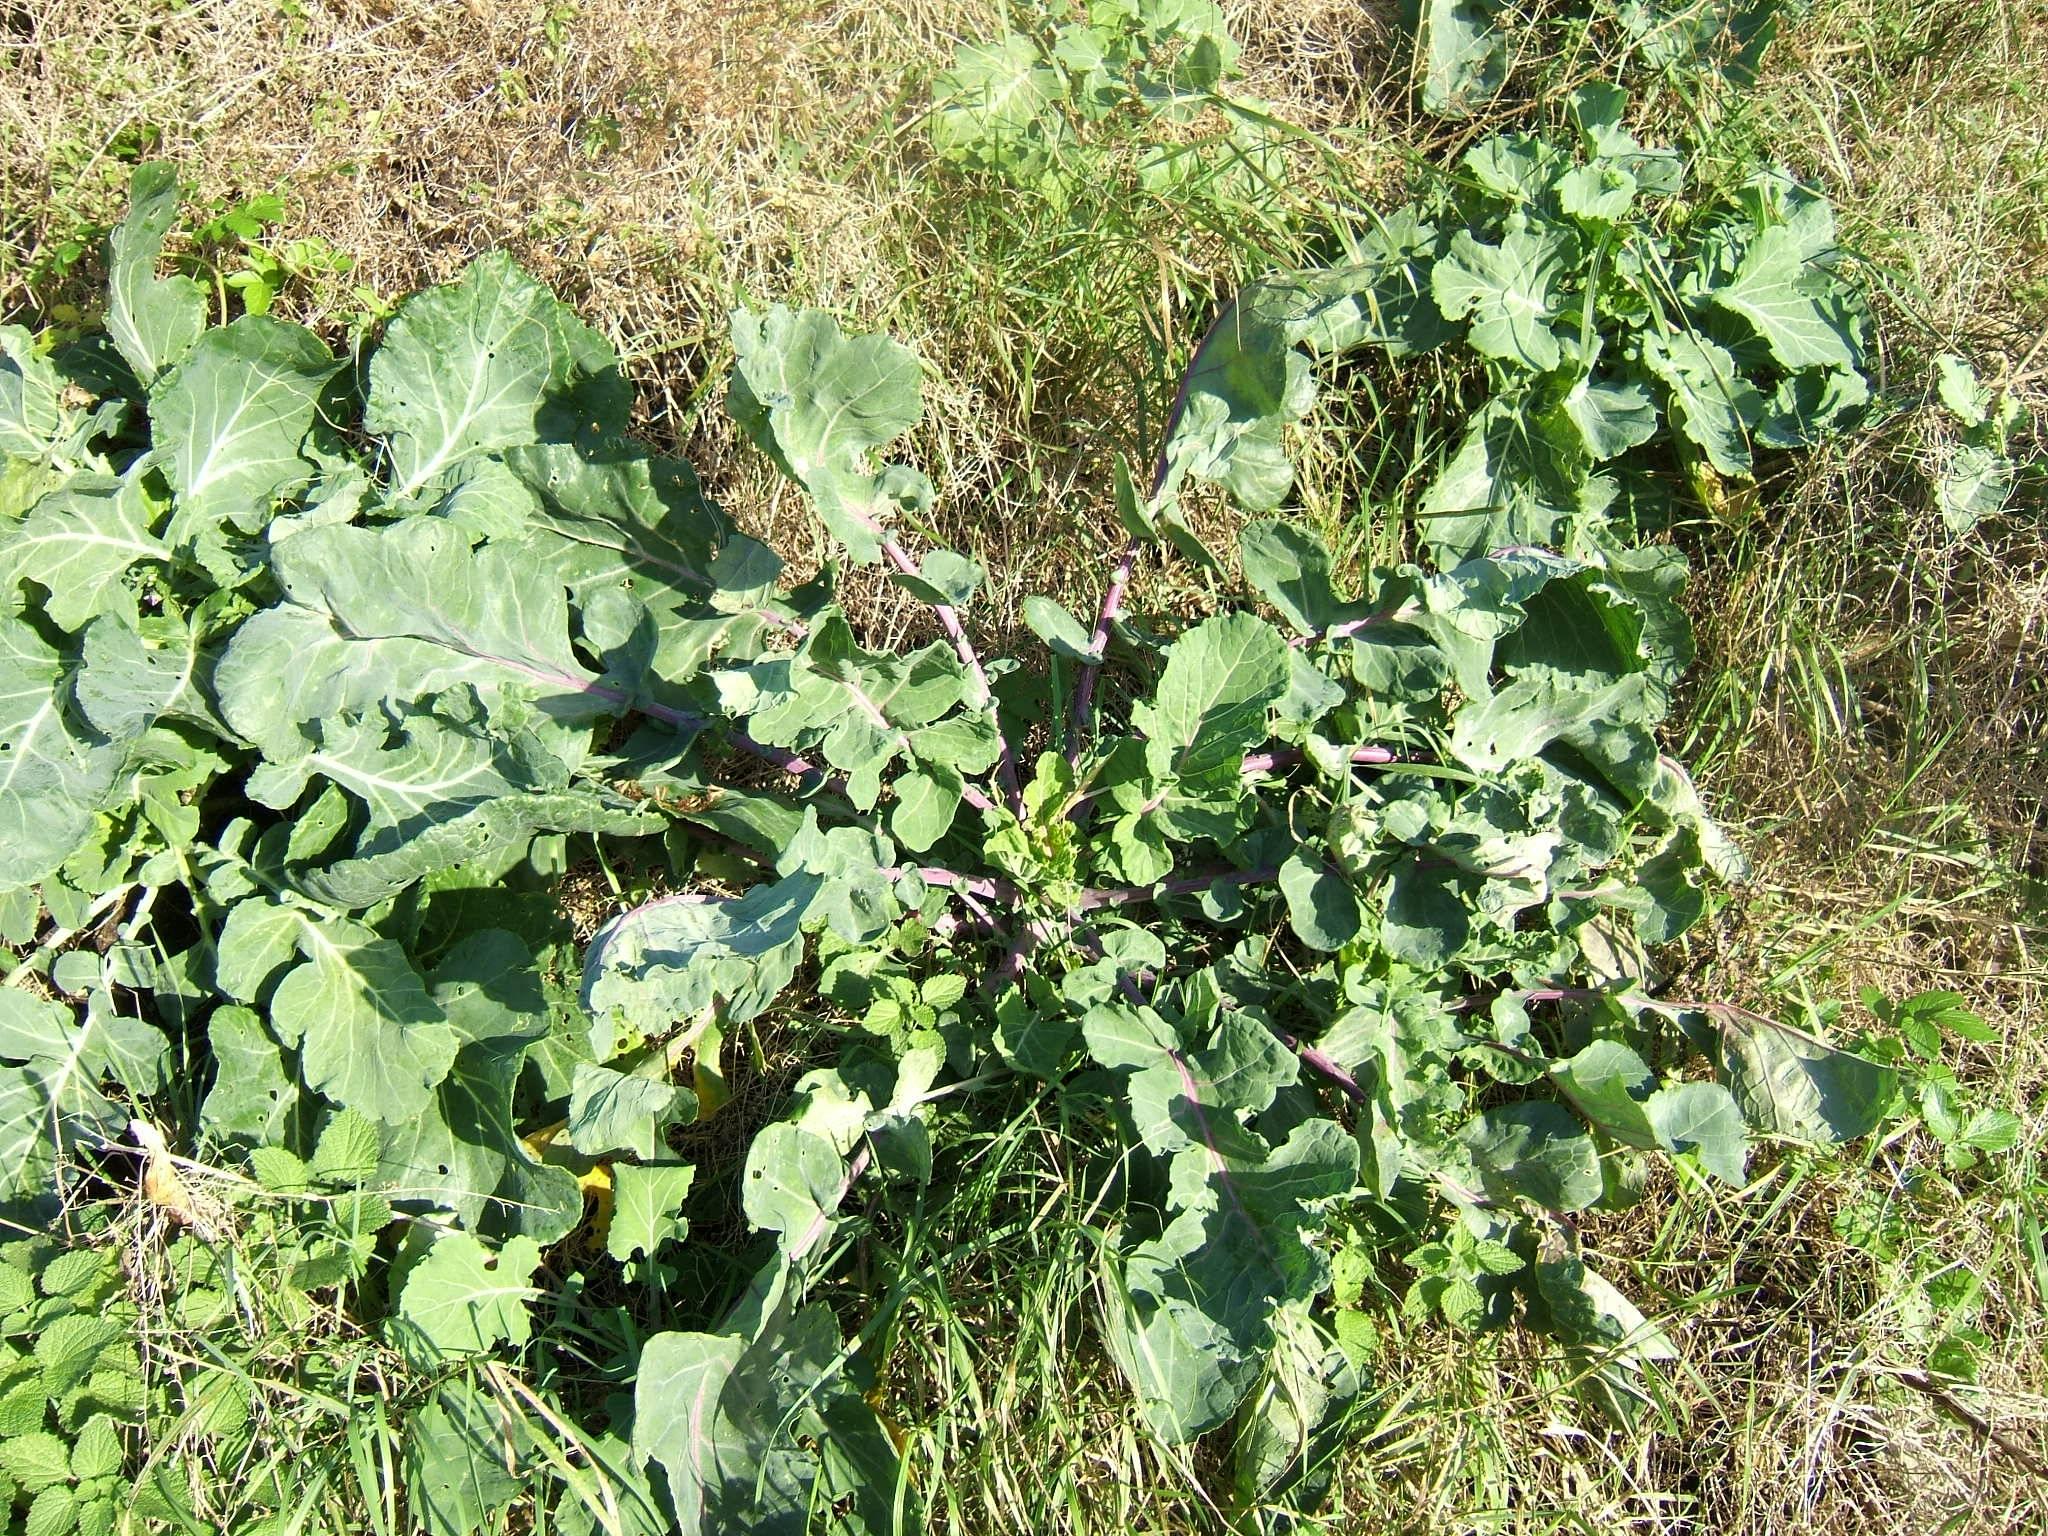 Белокочанная капуста: польза и вред овоща | food and health